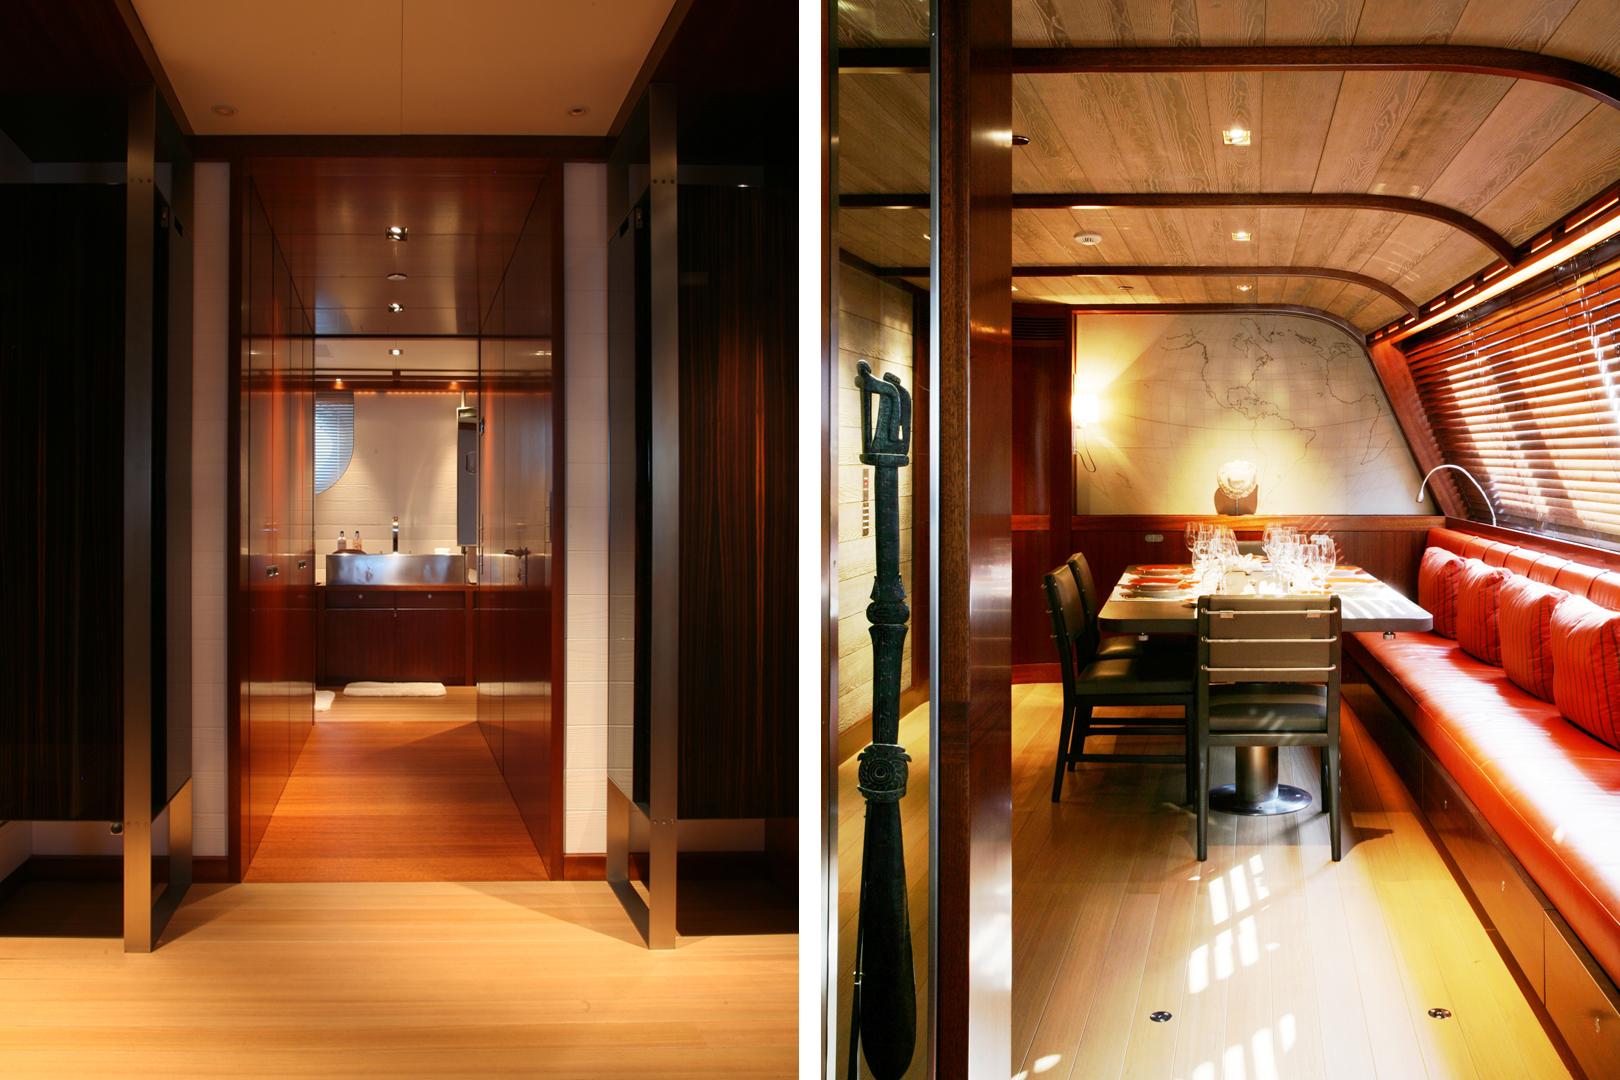 interior-gallery-17.jpg